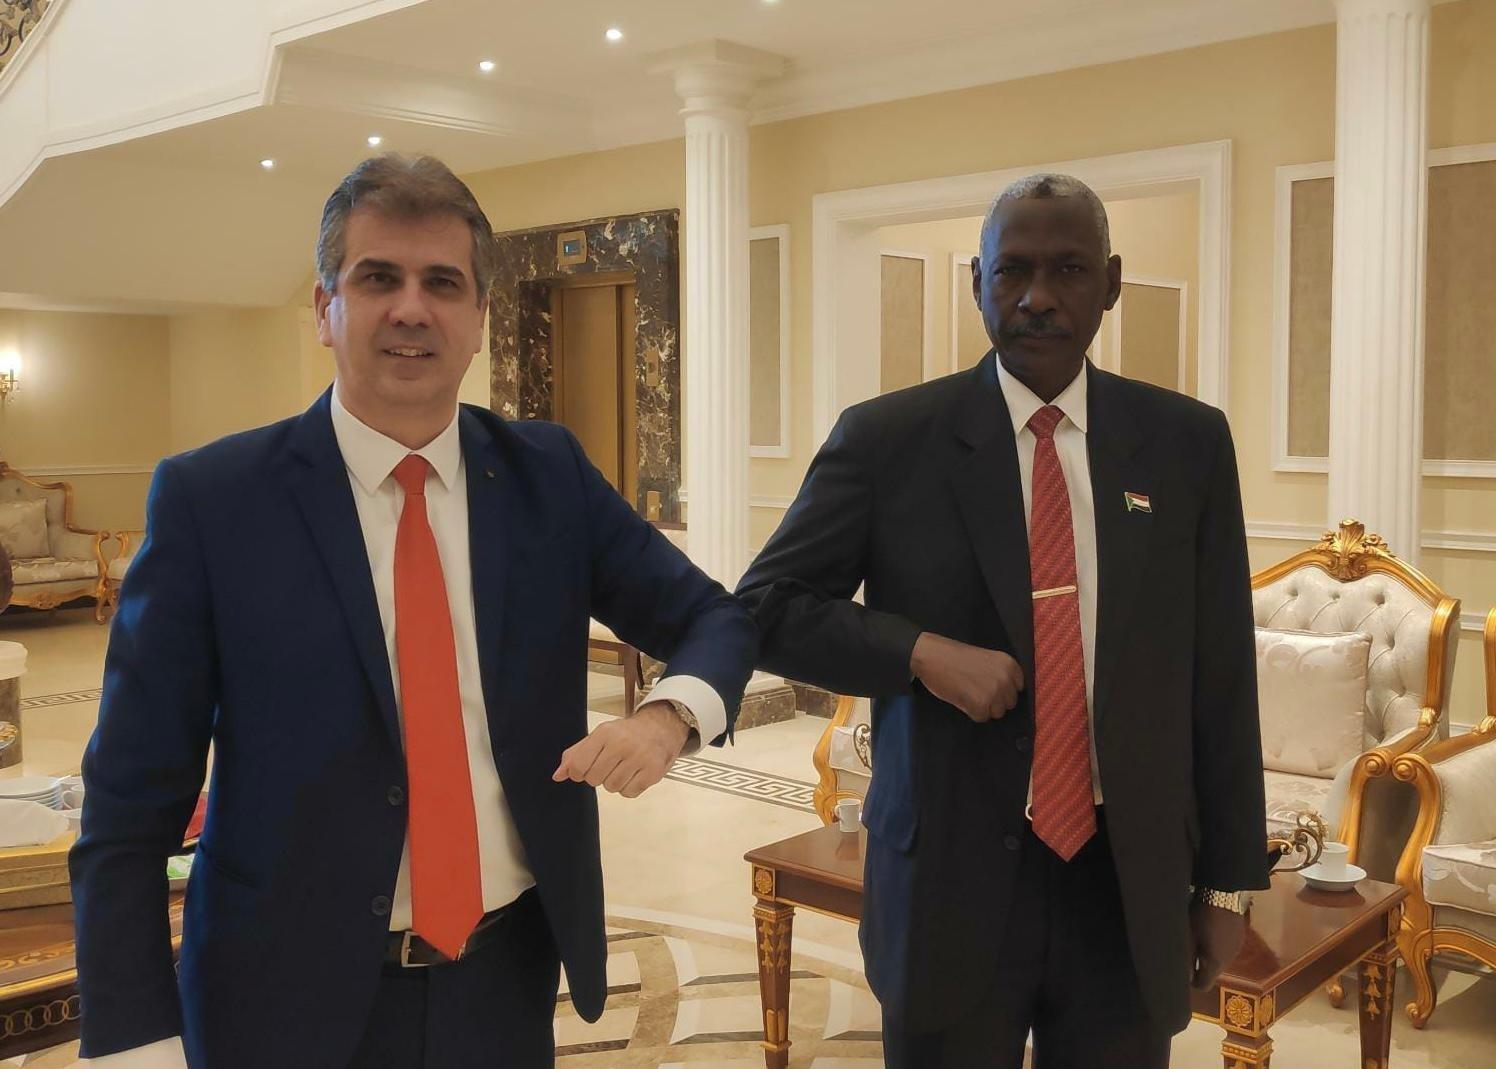 وزير المخابرات الإسرائيلي إيلي كوهين يتبادل وثيقة مع وزير الدفاع السوداني ياسين إبراهيم خلال اجتماعهما في العاصمة السودانية الخرطوم